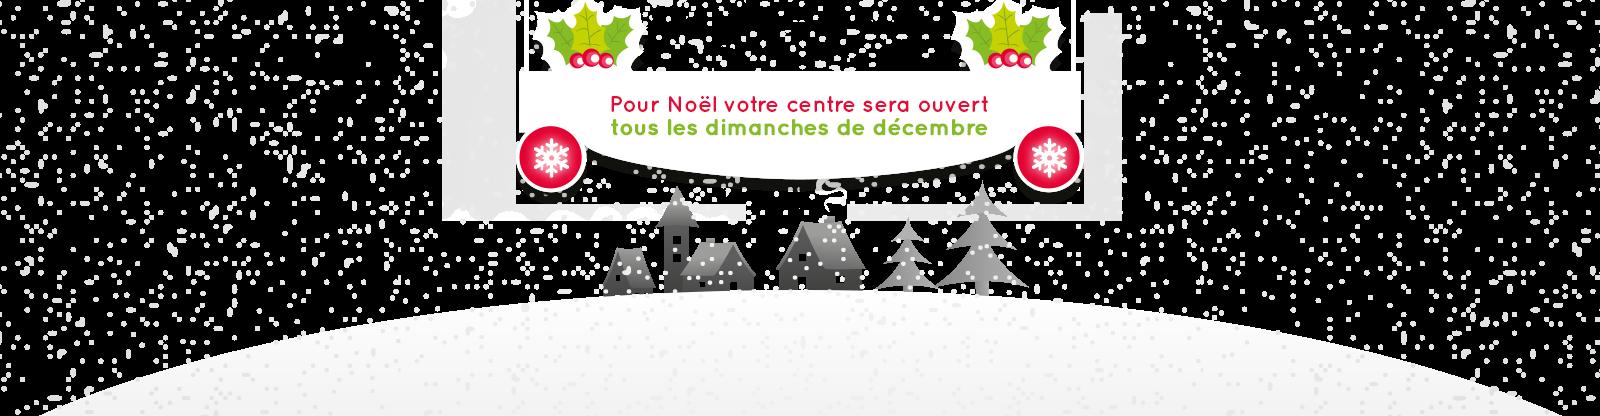 slider_hiver_décembre_tous_sans_fond